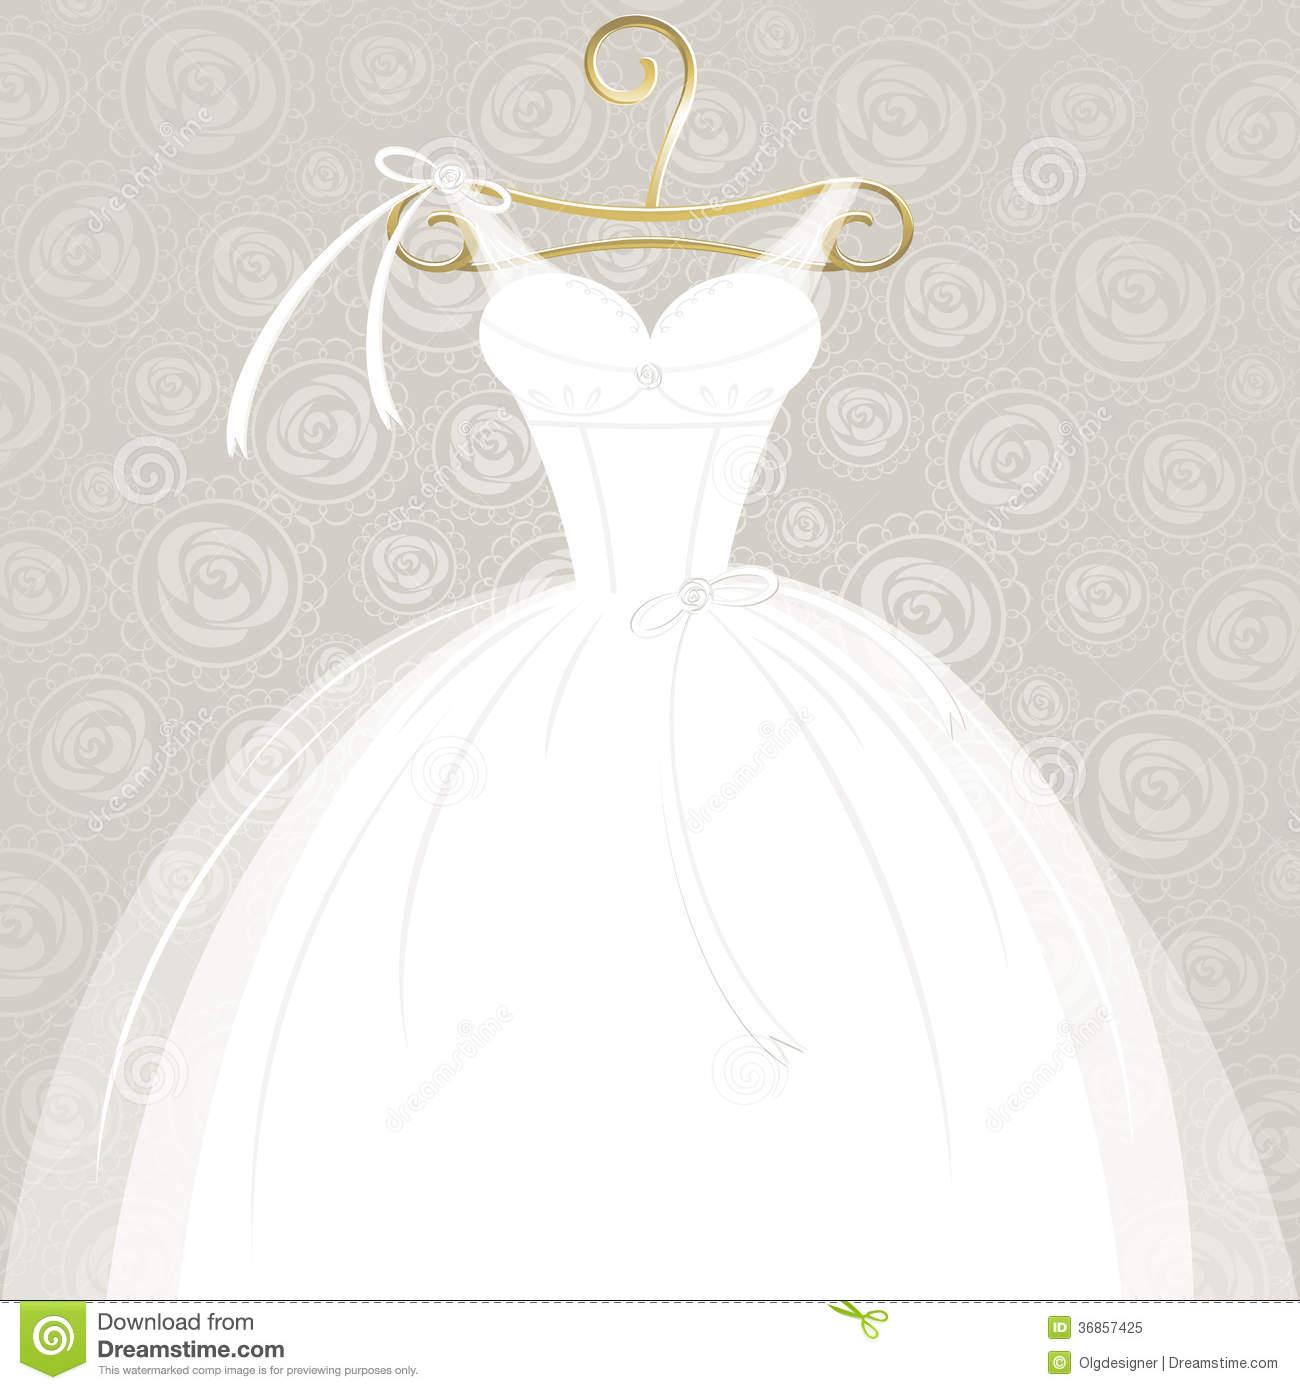 White Wedding Gown Royalty Free Stock Photo.